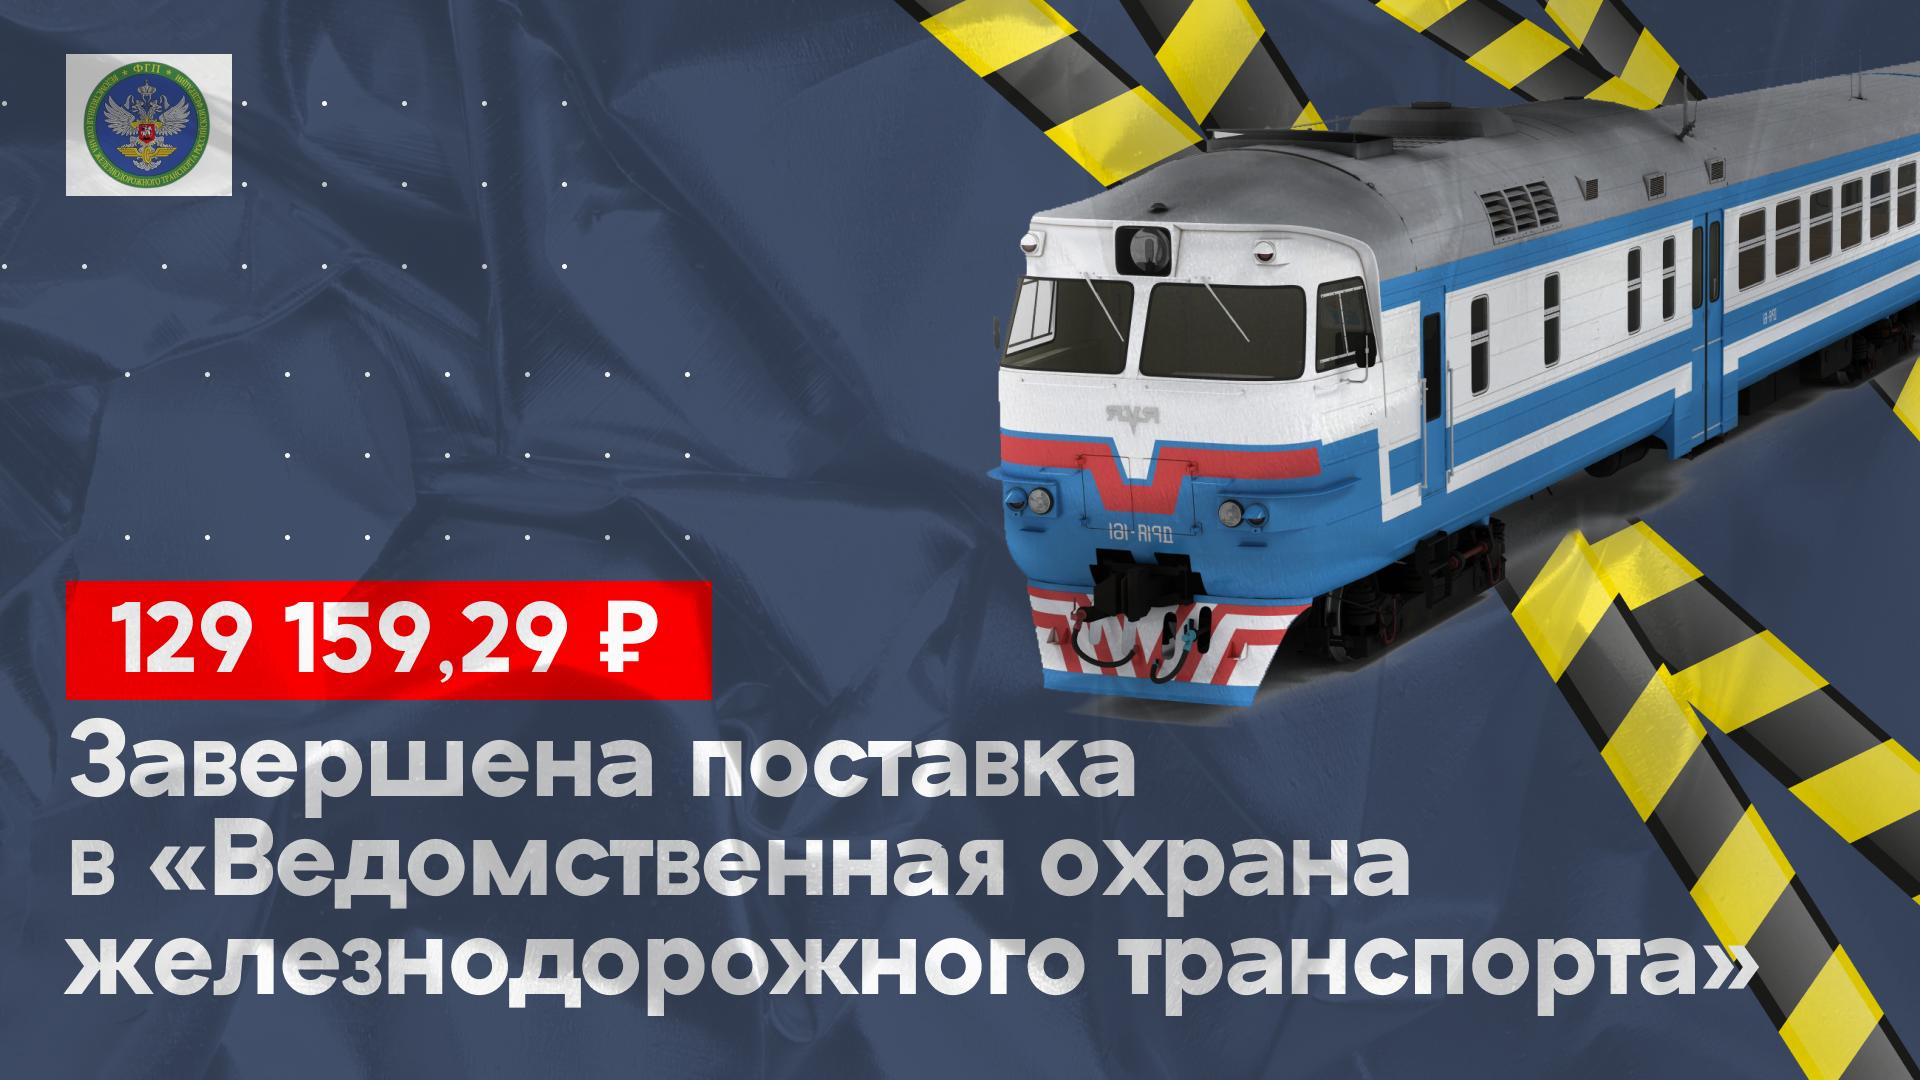 Произвели поставку на 129 159, 29 руб. в Федеральное государственное предприятие «Ведомственная охрана ж/д транспорта».